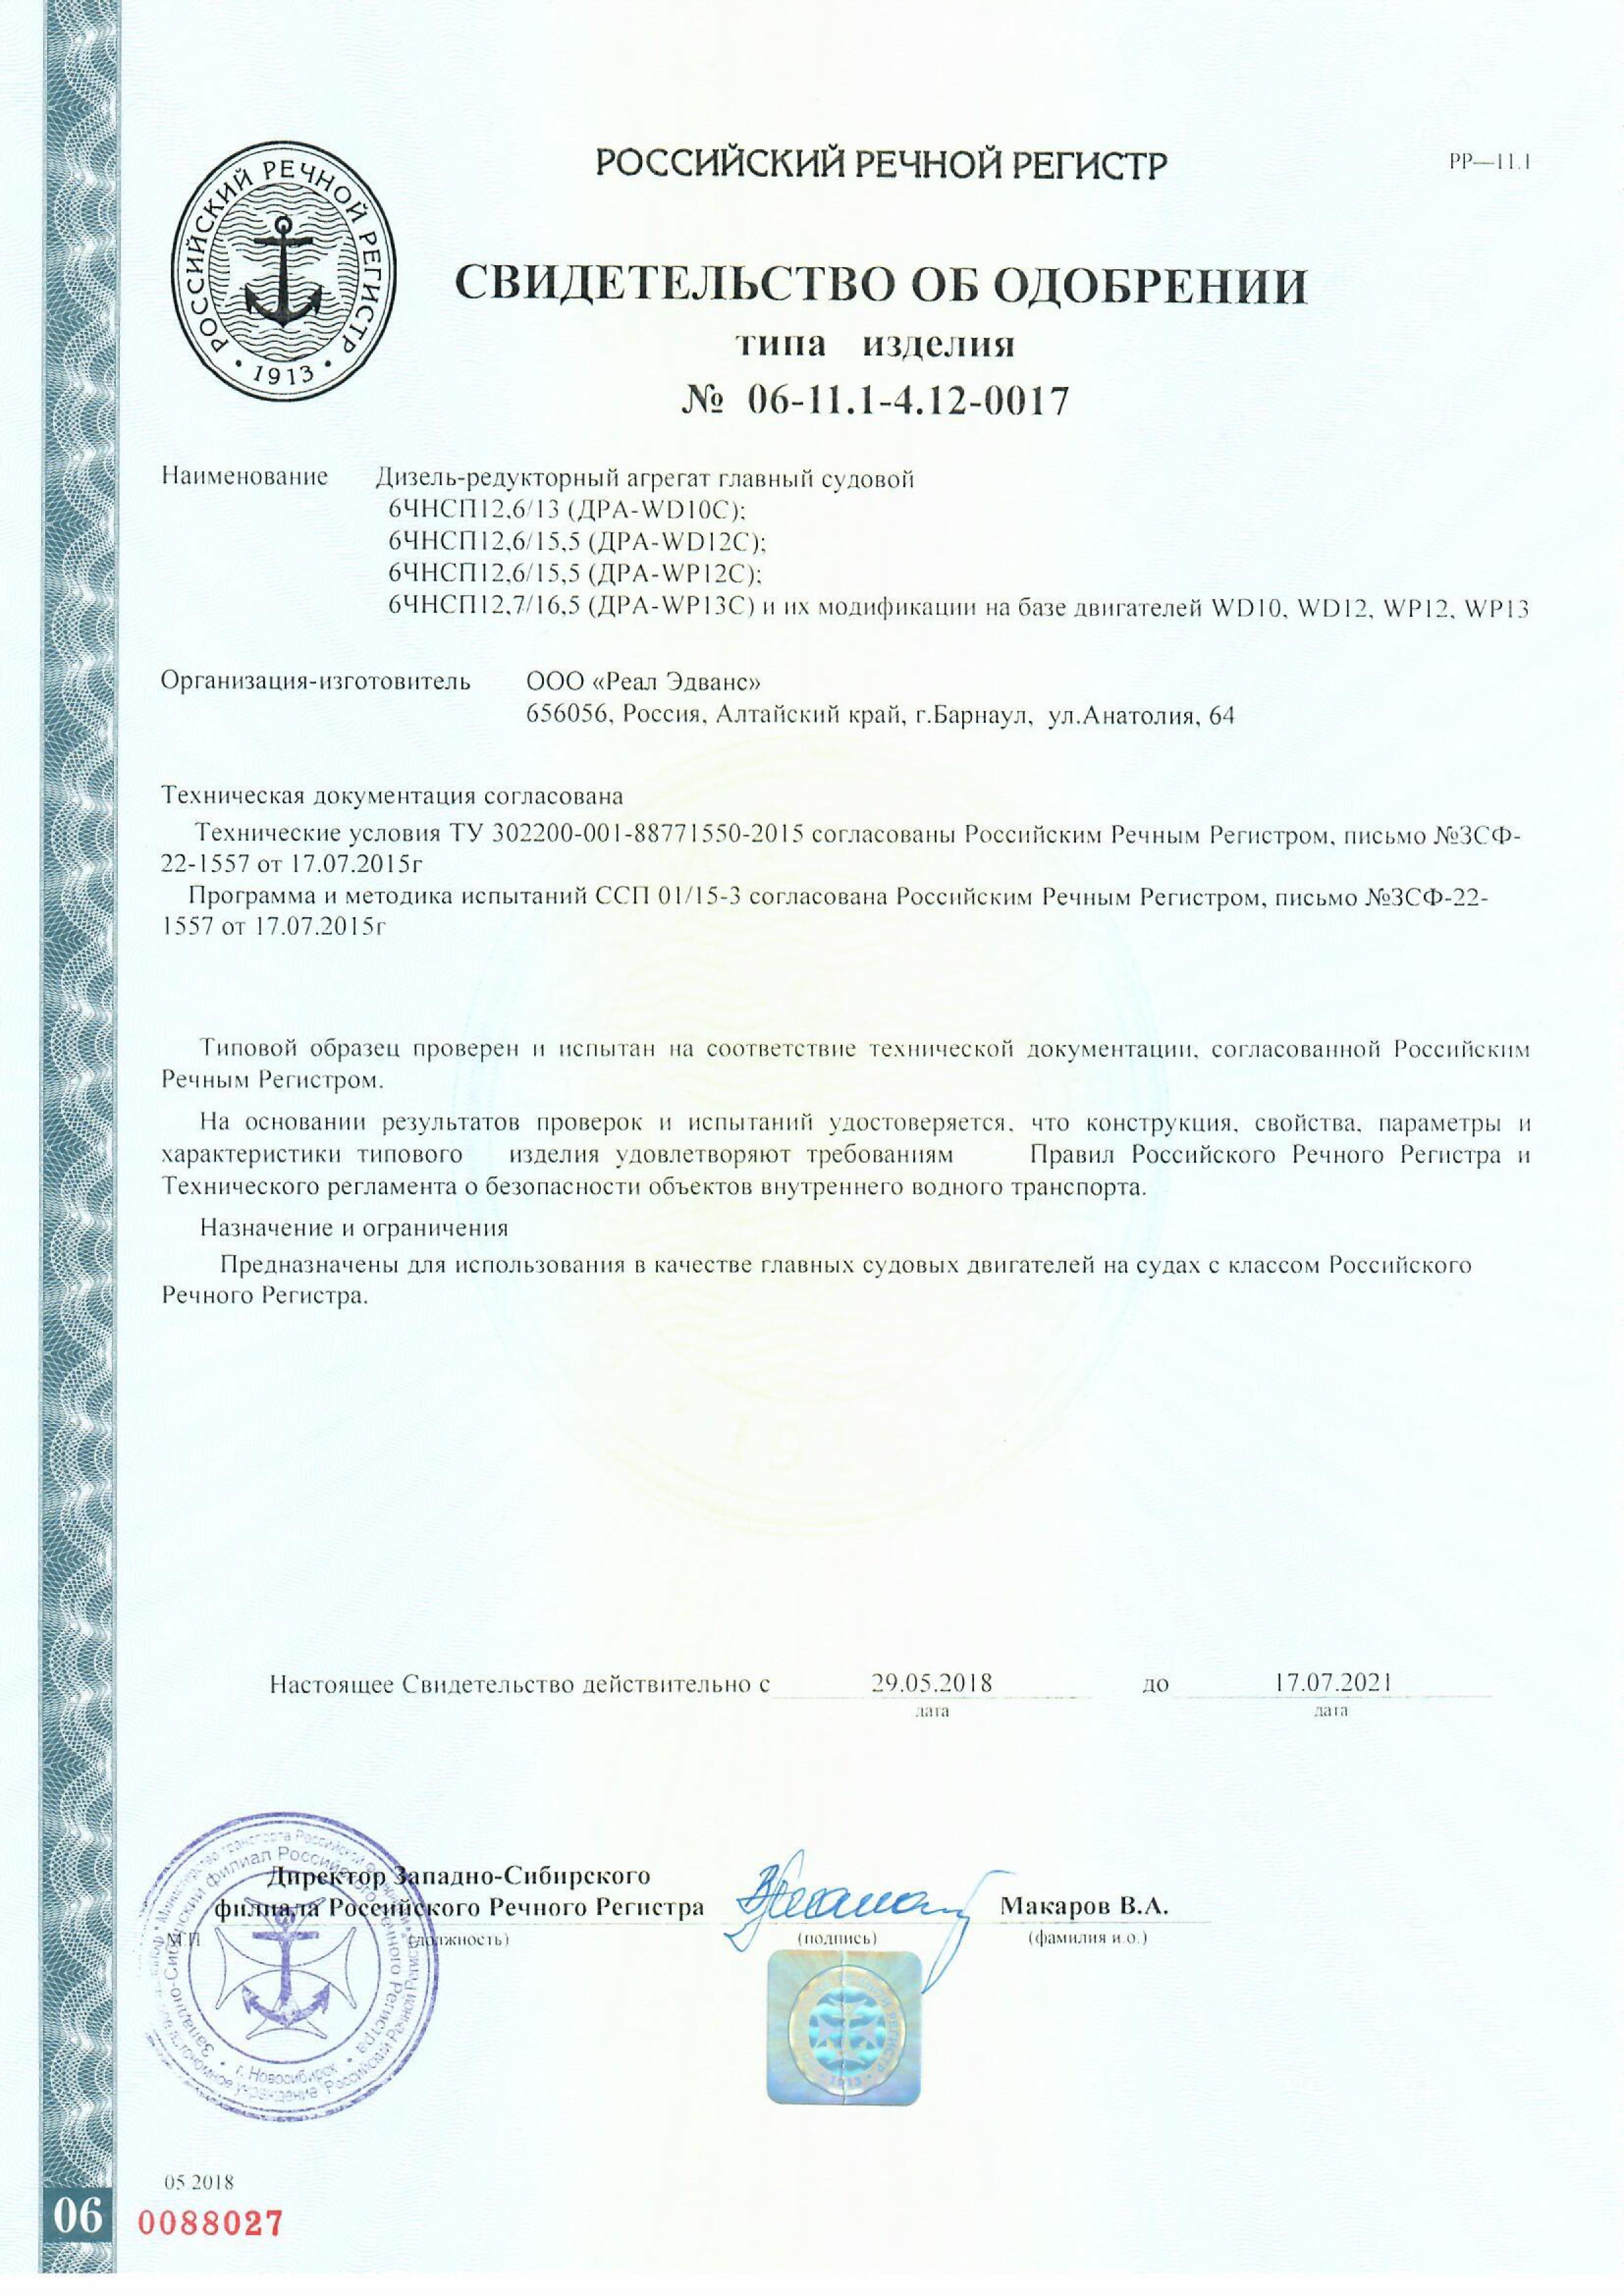 свидетельство об одобрении 06-11.1-4.12-0017 (ДРА)